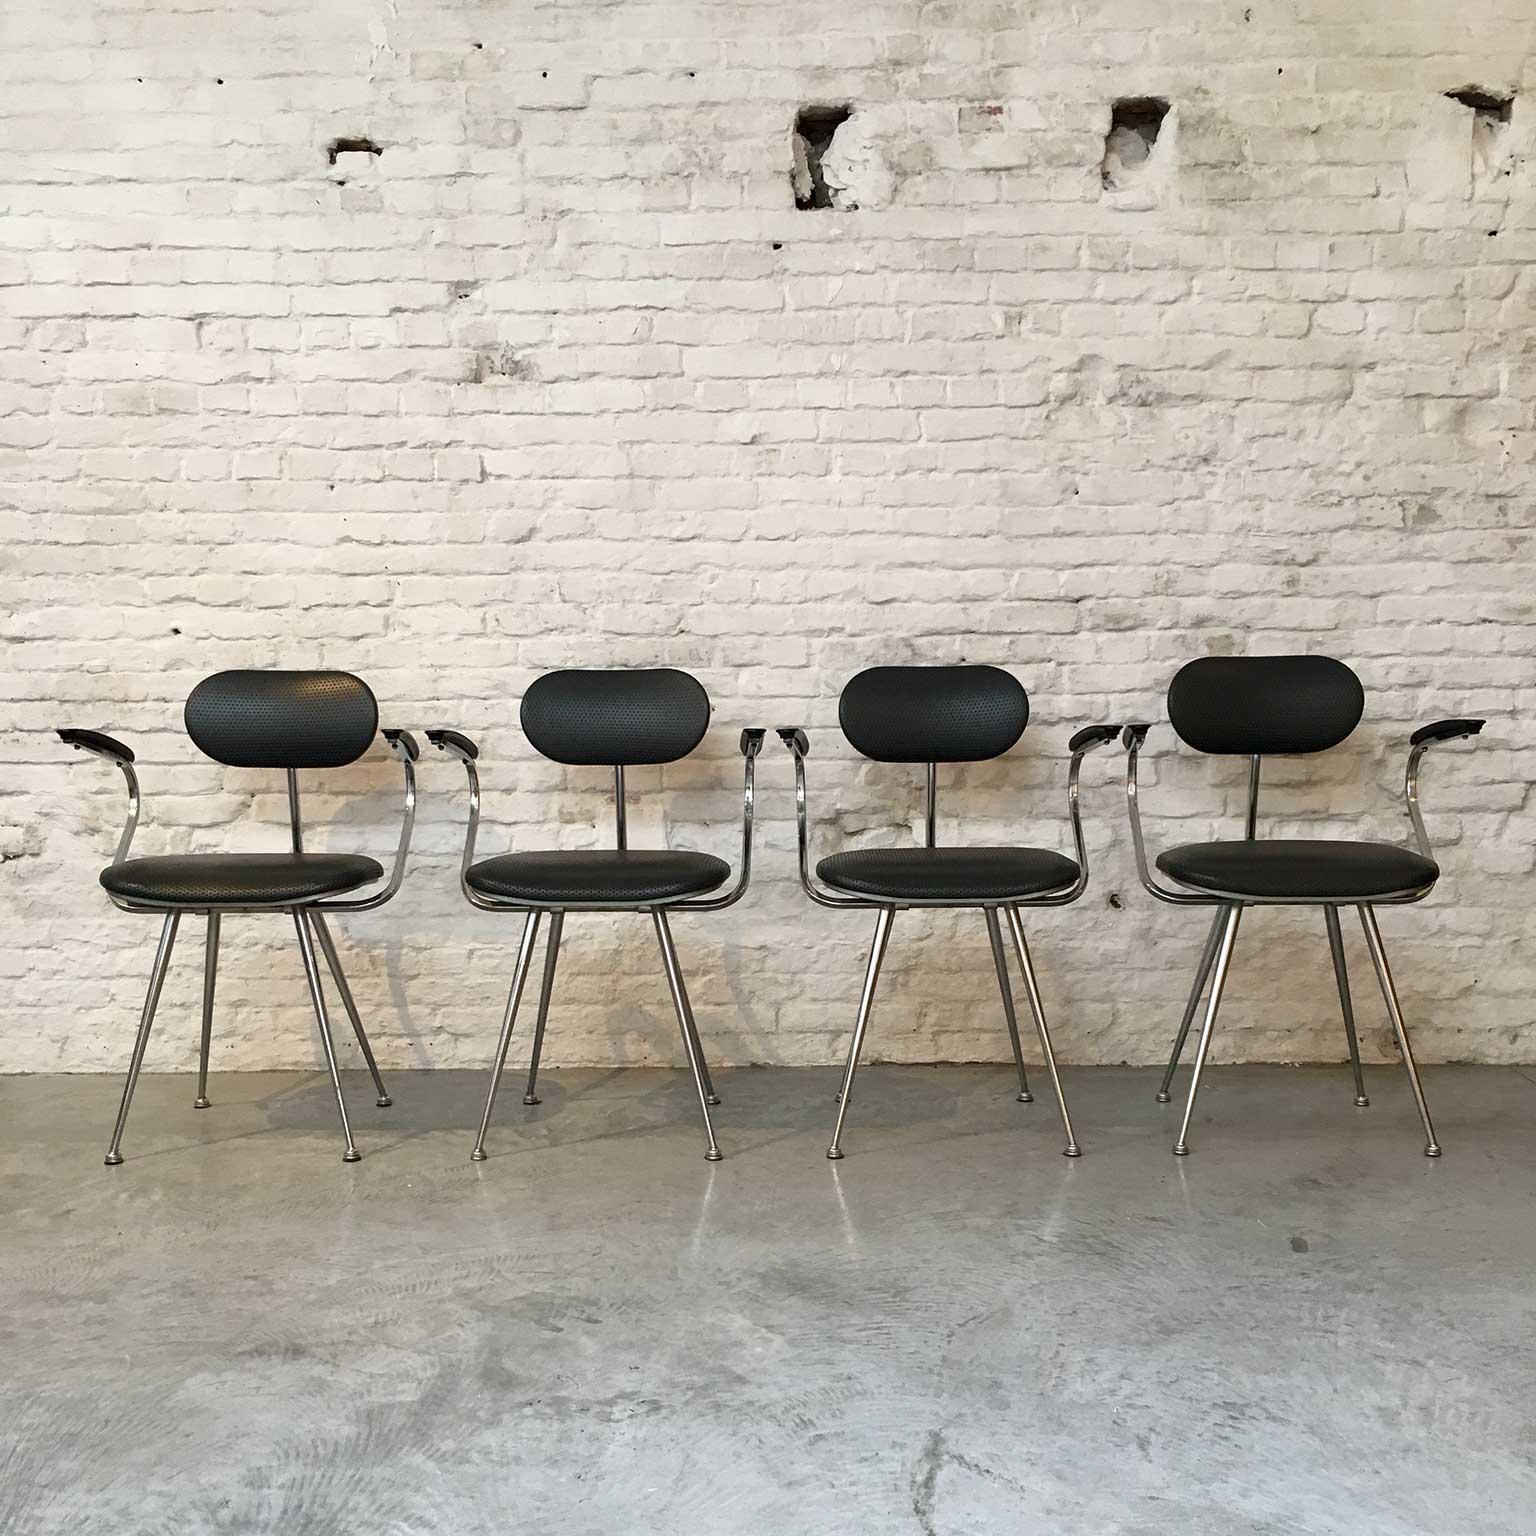 Vintage Industriele Stoelen.Set Industriele Vintage Chairs Die Firma